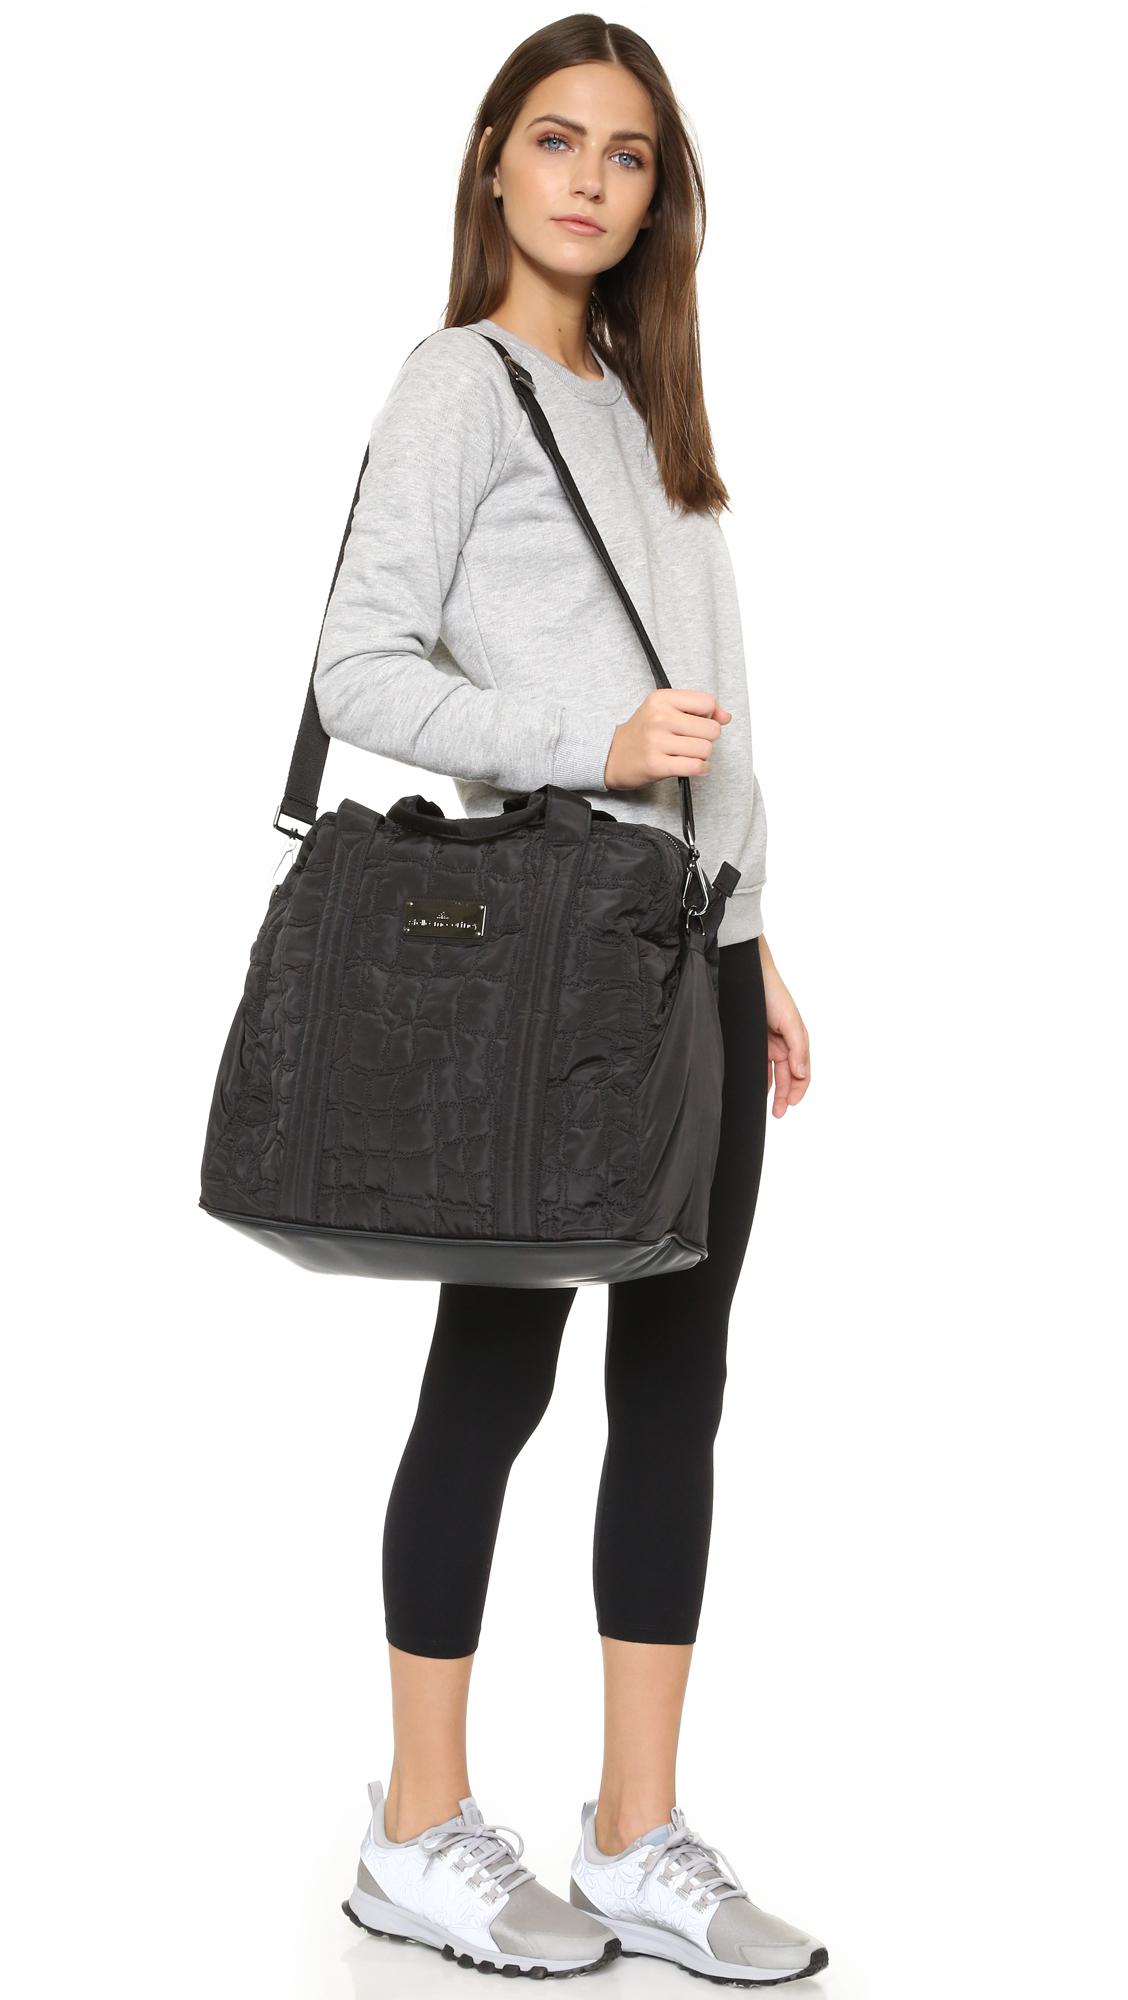 ... on sale 76373 84e93 Adidas By Stella Mccartney Essentials Bag in Black  - Lyst ... a5800dce42